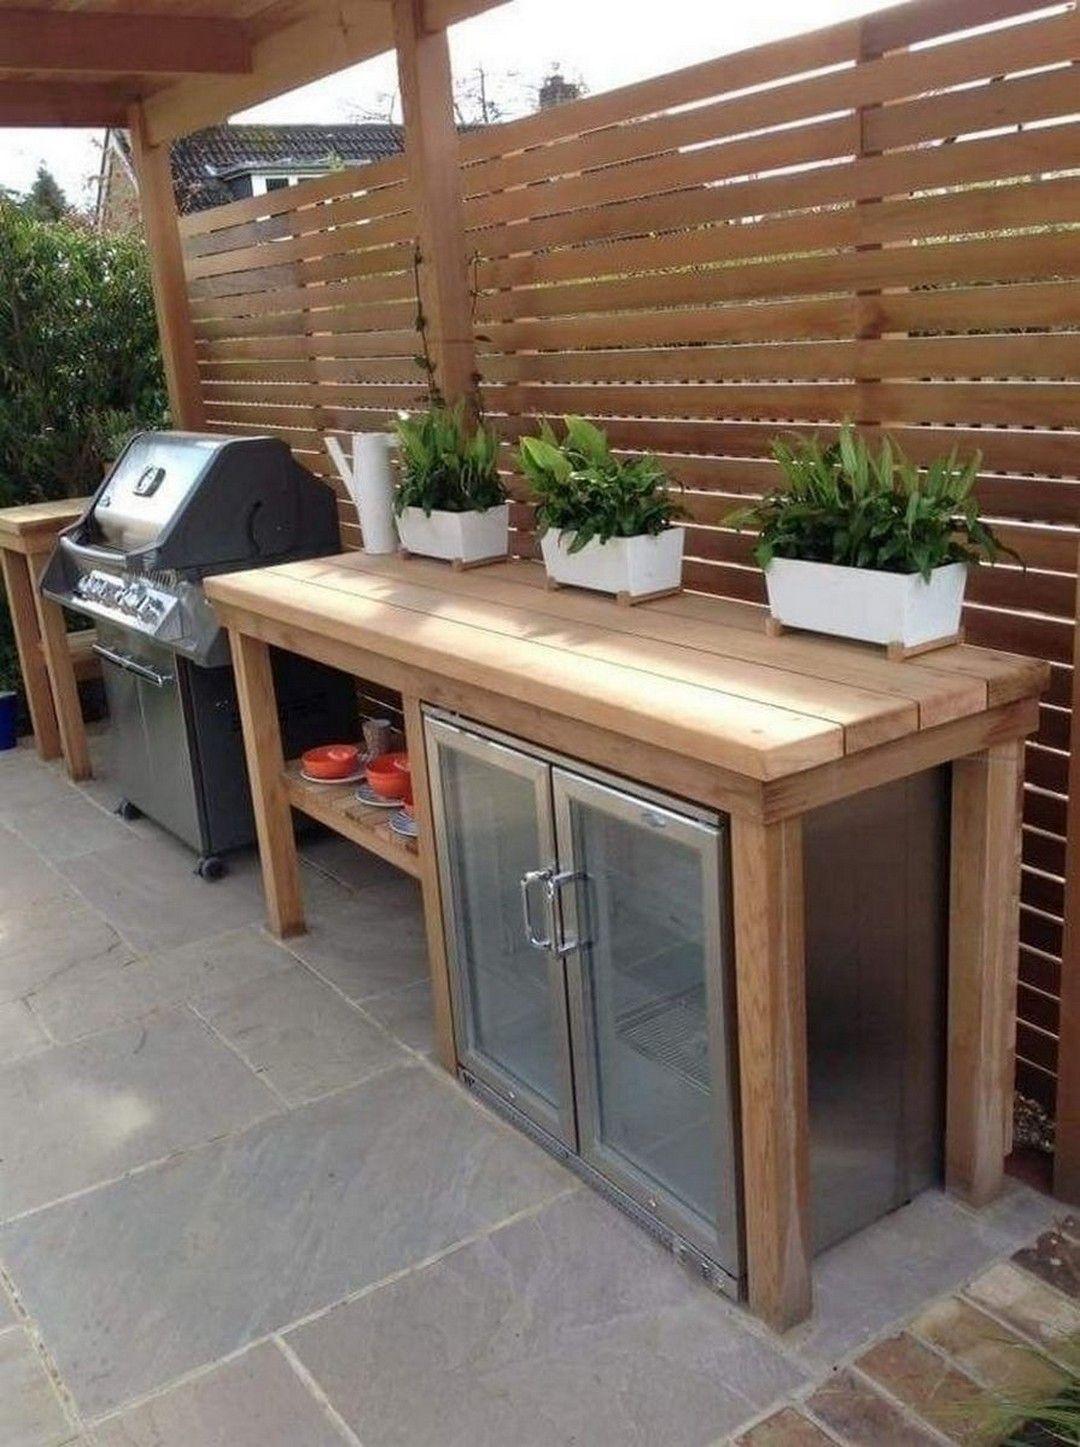 DIY Outdoor Kitchen | Build outdoor kitchen, Diy outdoor